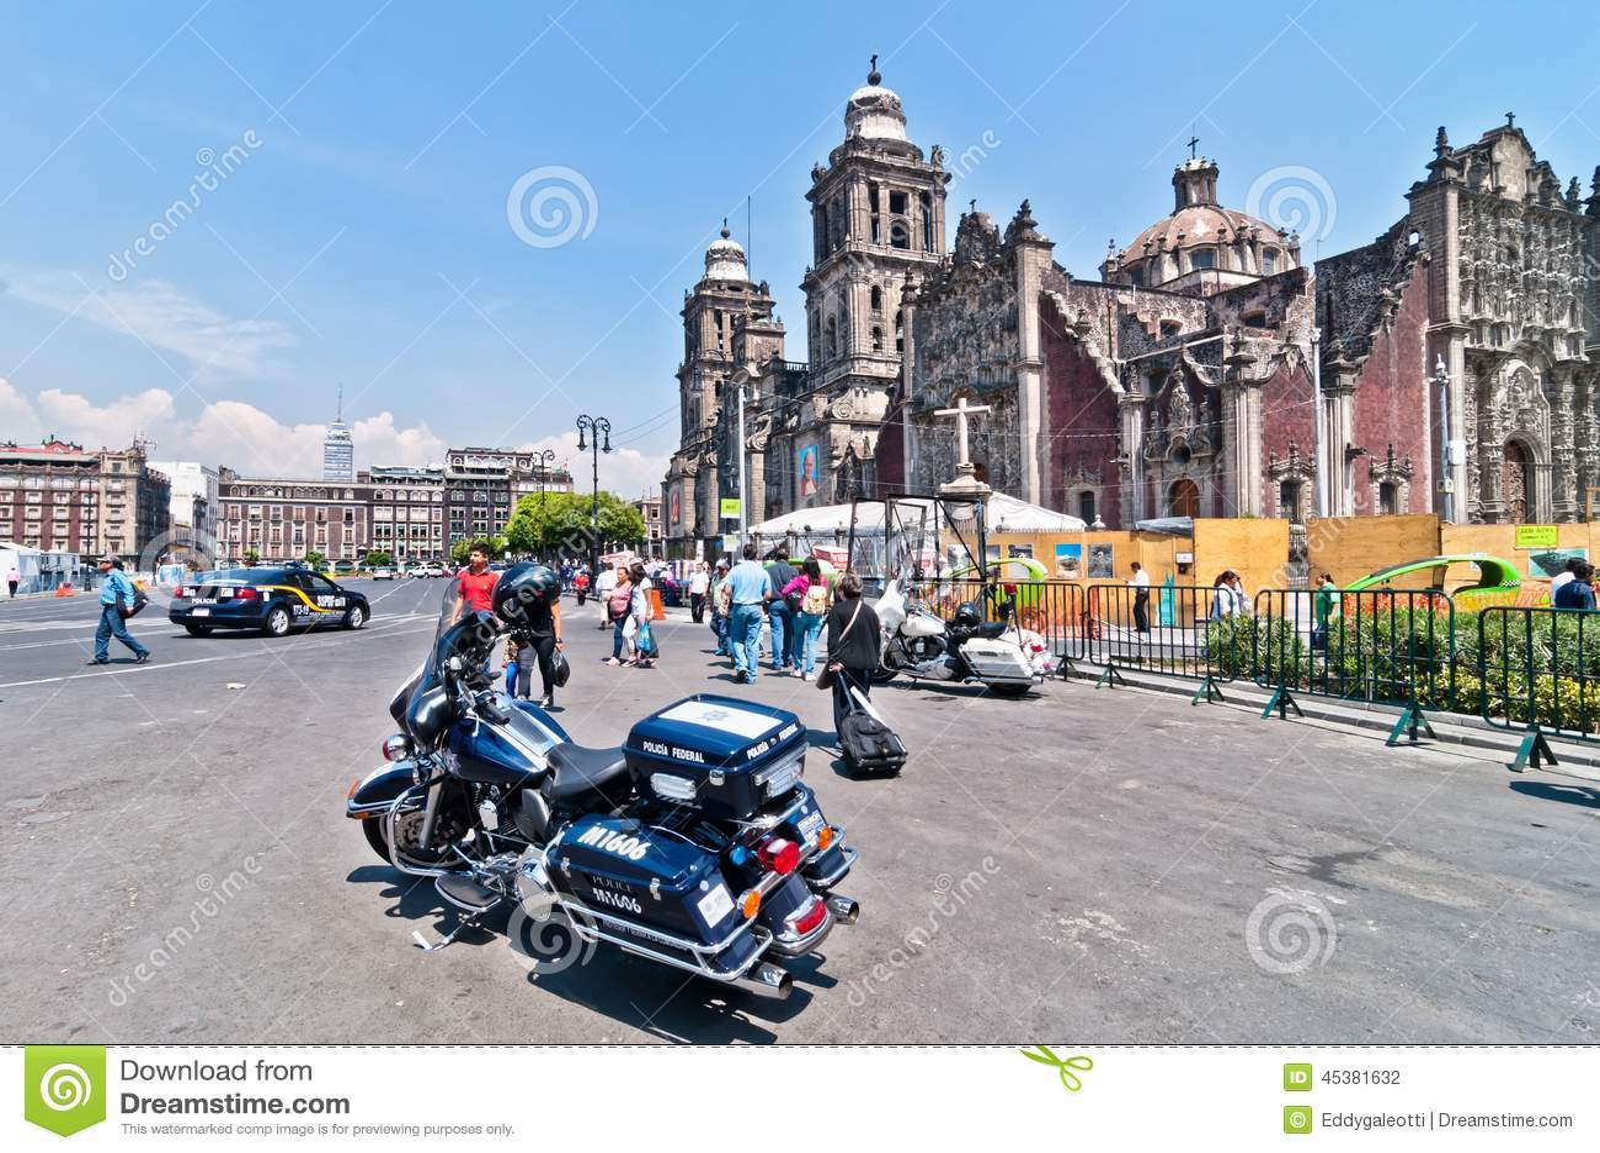 Moto Y Gente De La Polic A En Ciudad De M Xico C Ntrica